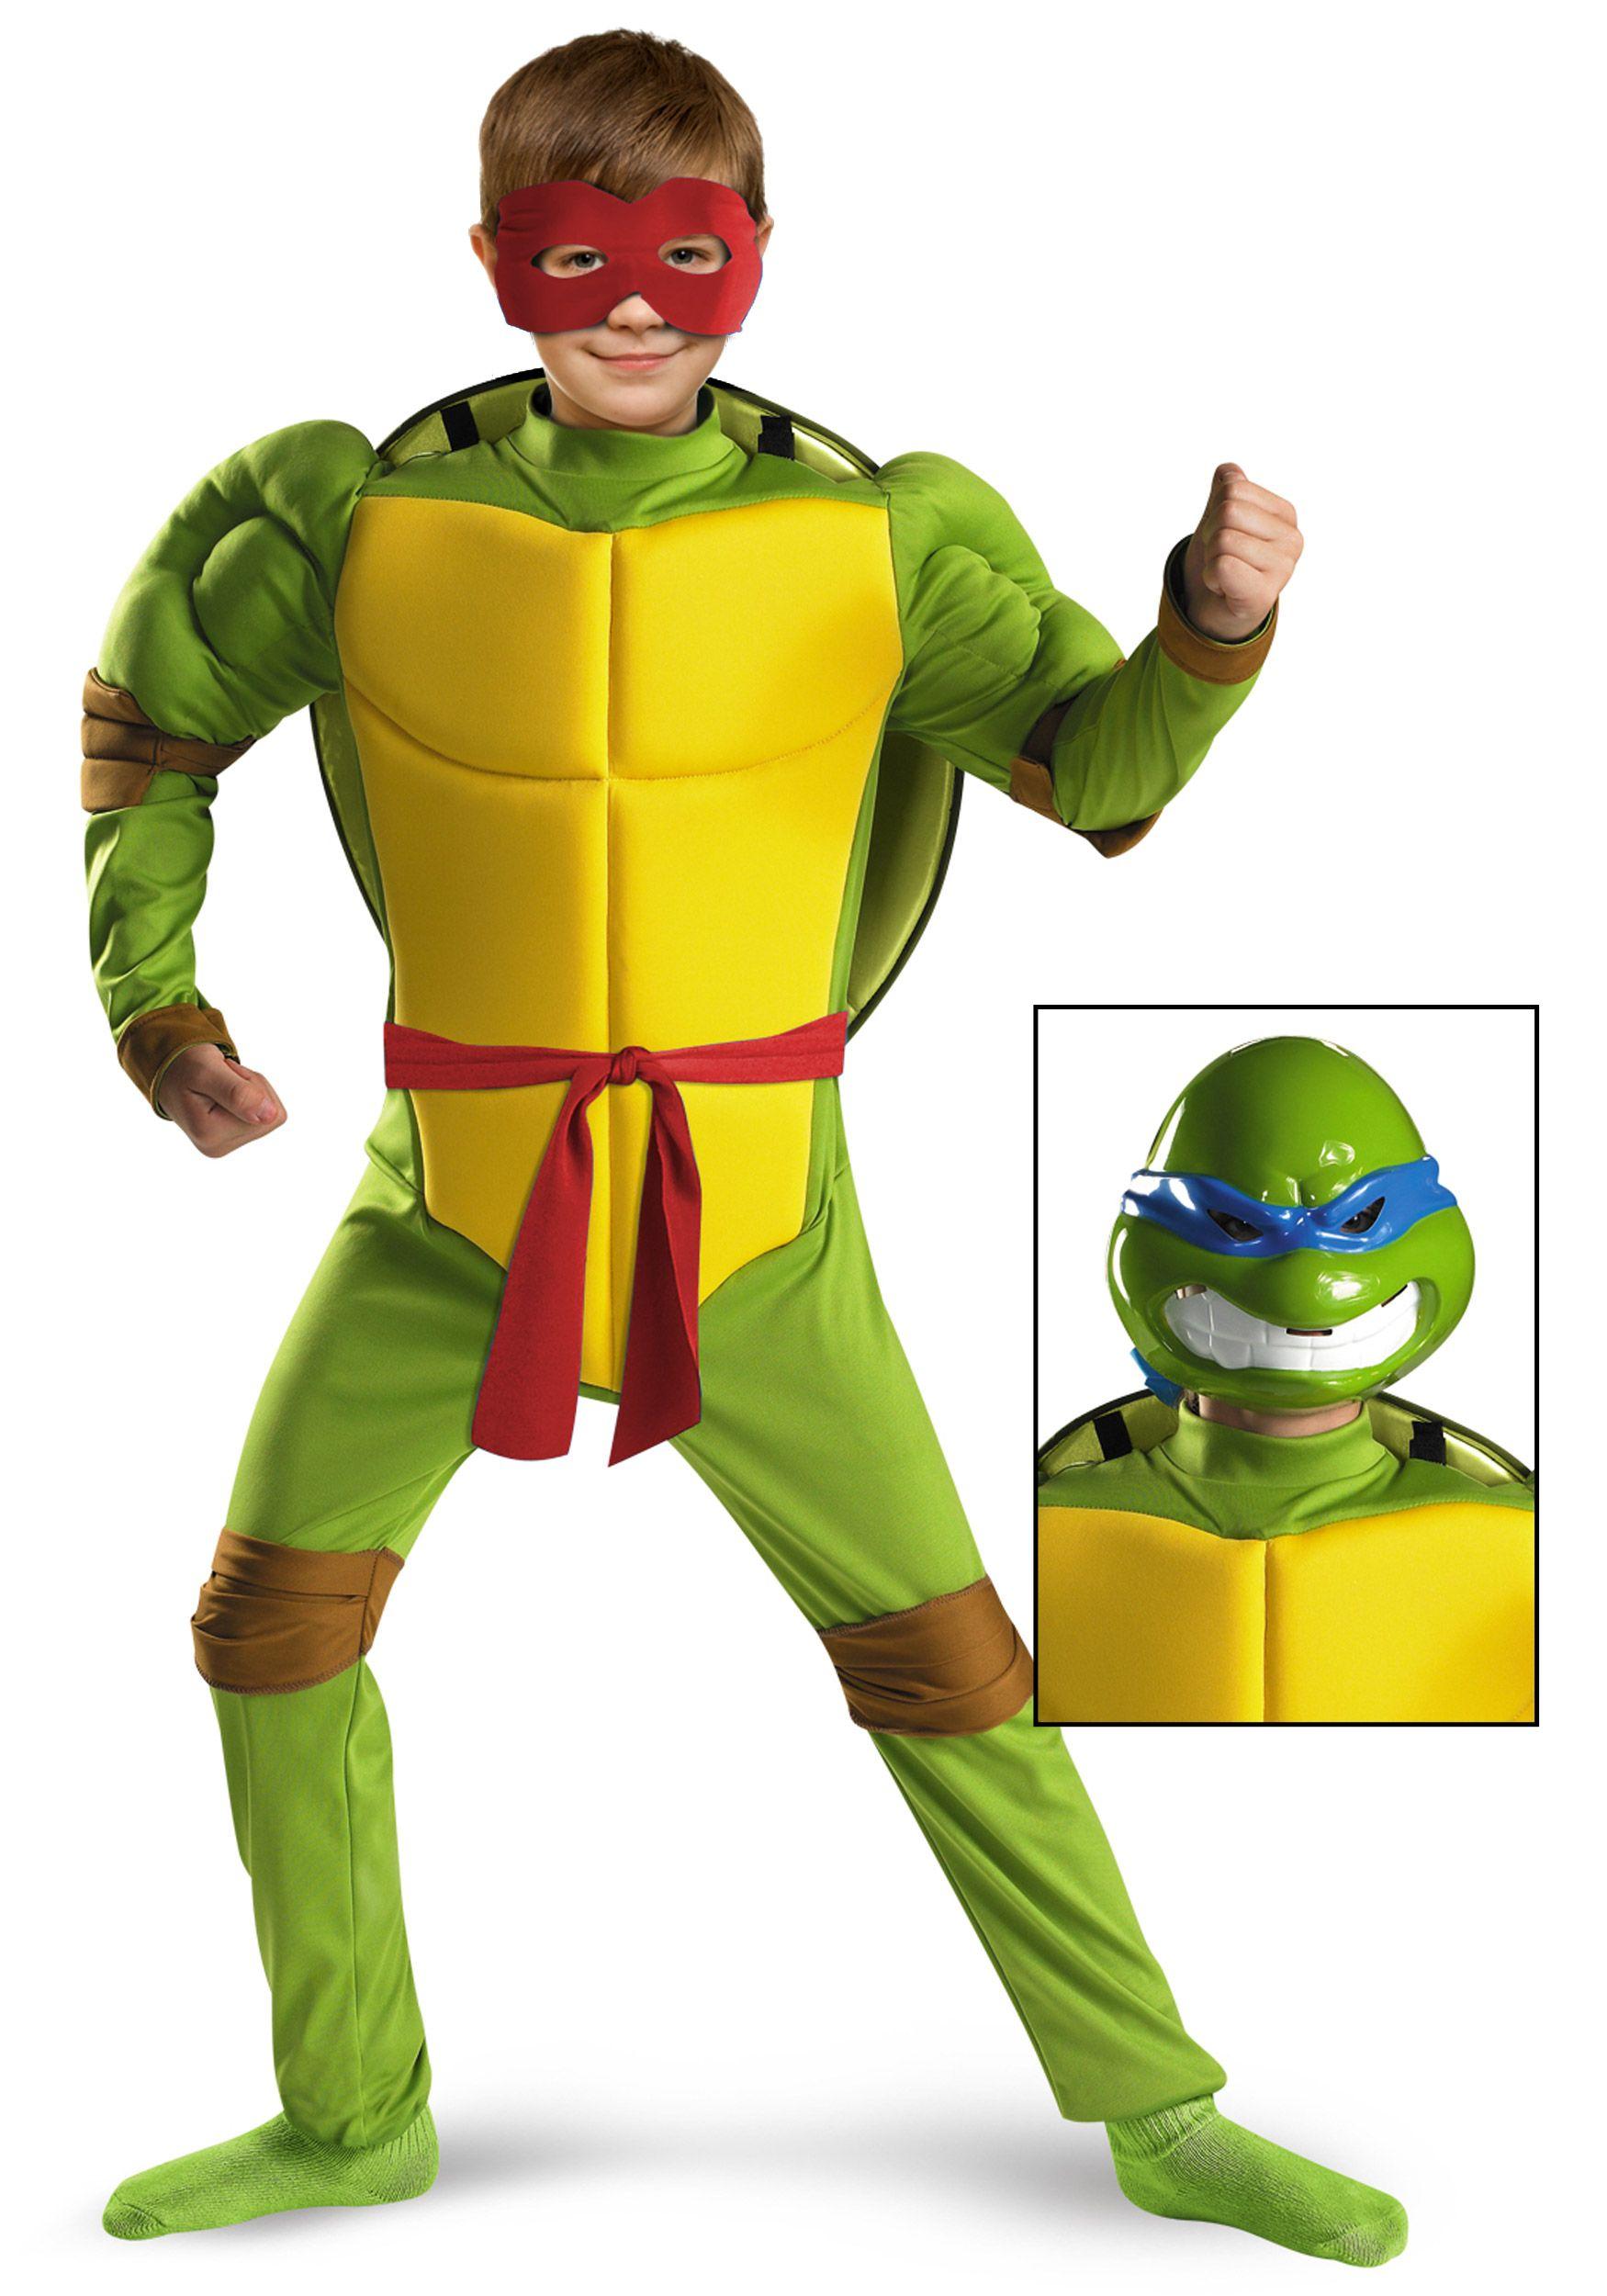 Child/'s Size TMNT Teenage Mutant Ninja Turtles Leonardo One-Piece Jumpsuit